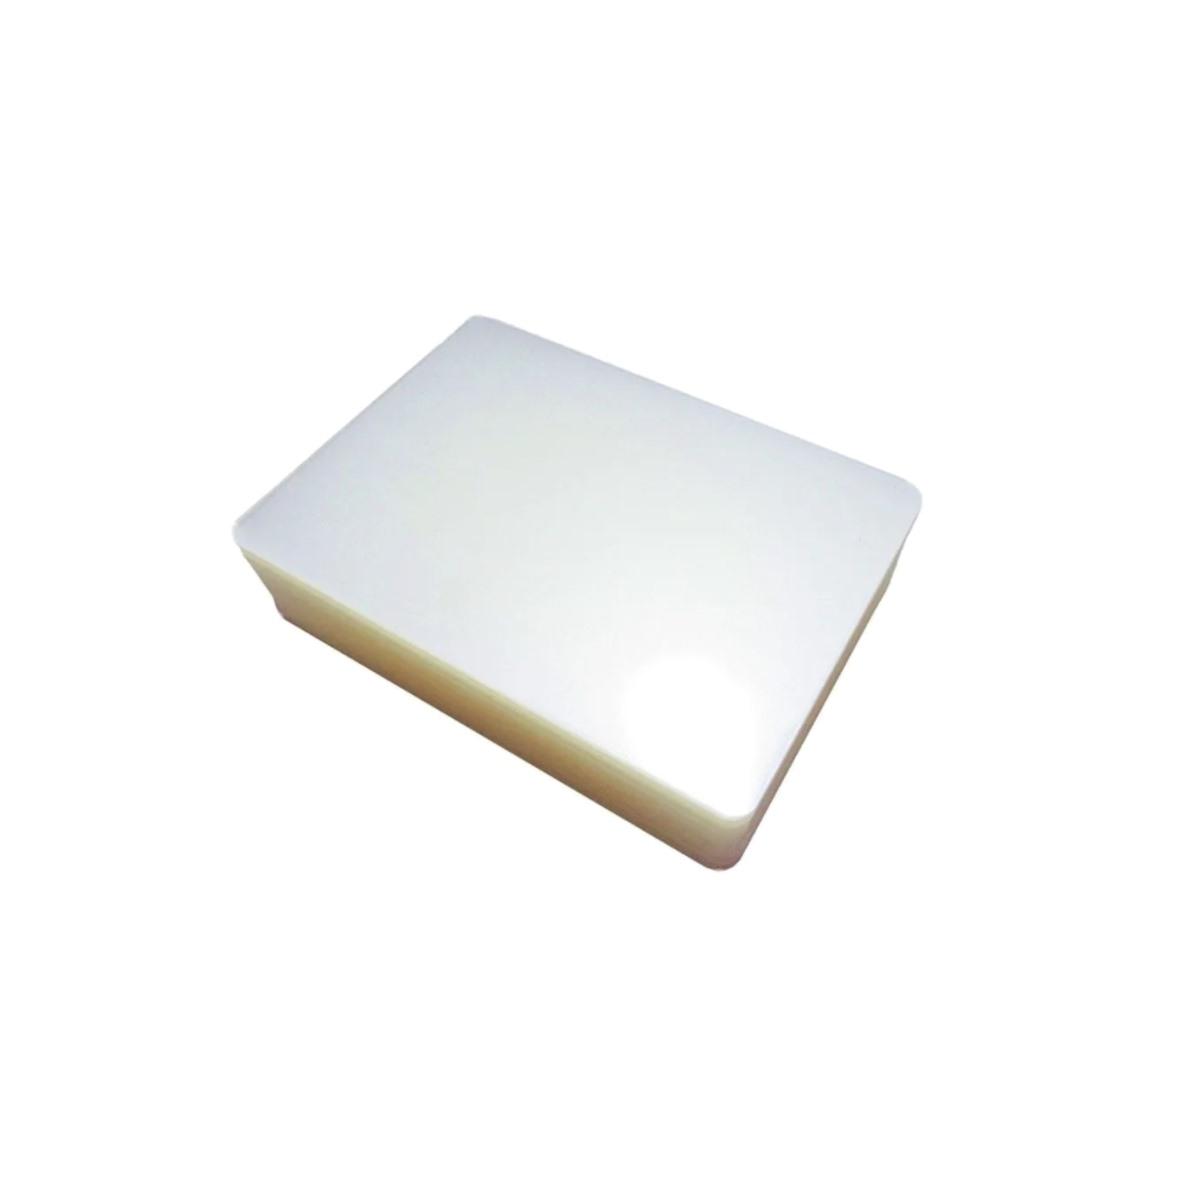 Polaseal plástico para plastificação Ofício I 226x340 0,07mm 100un